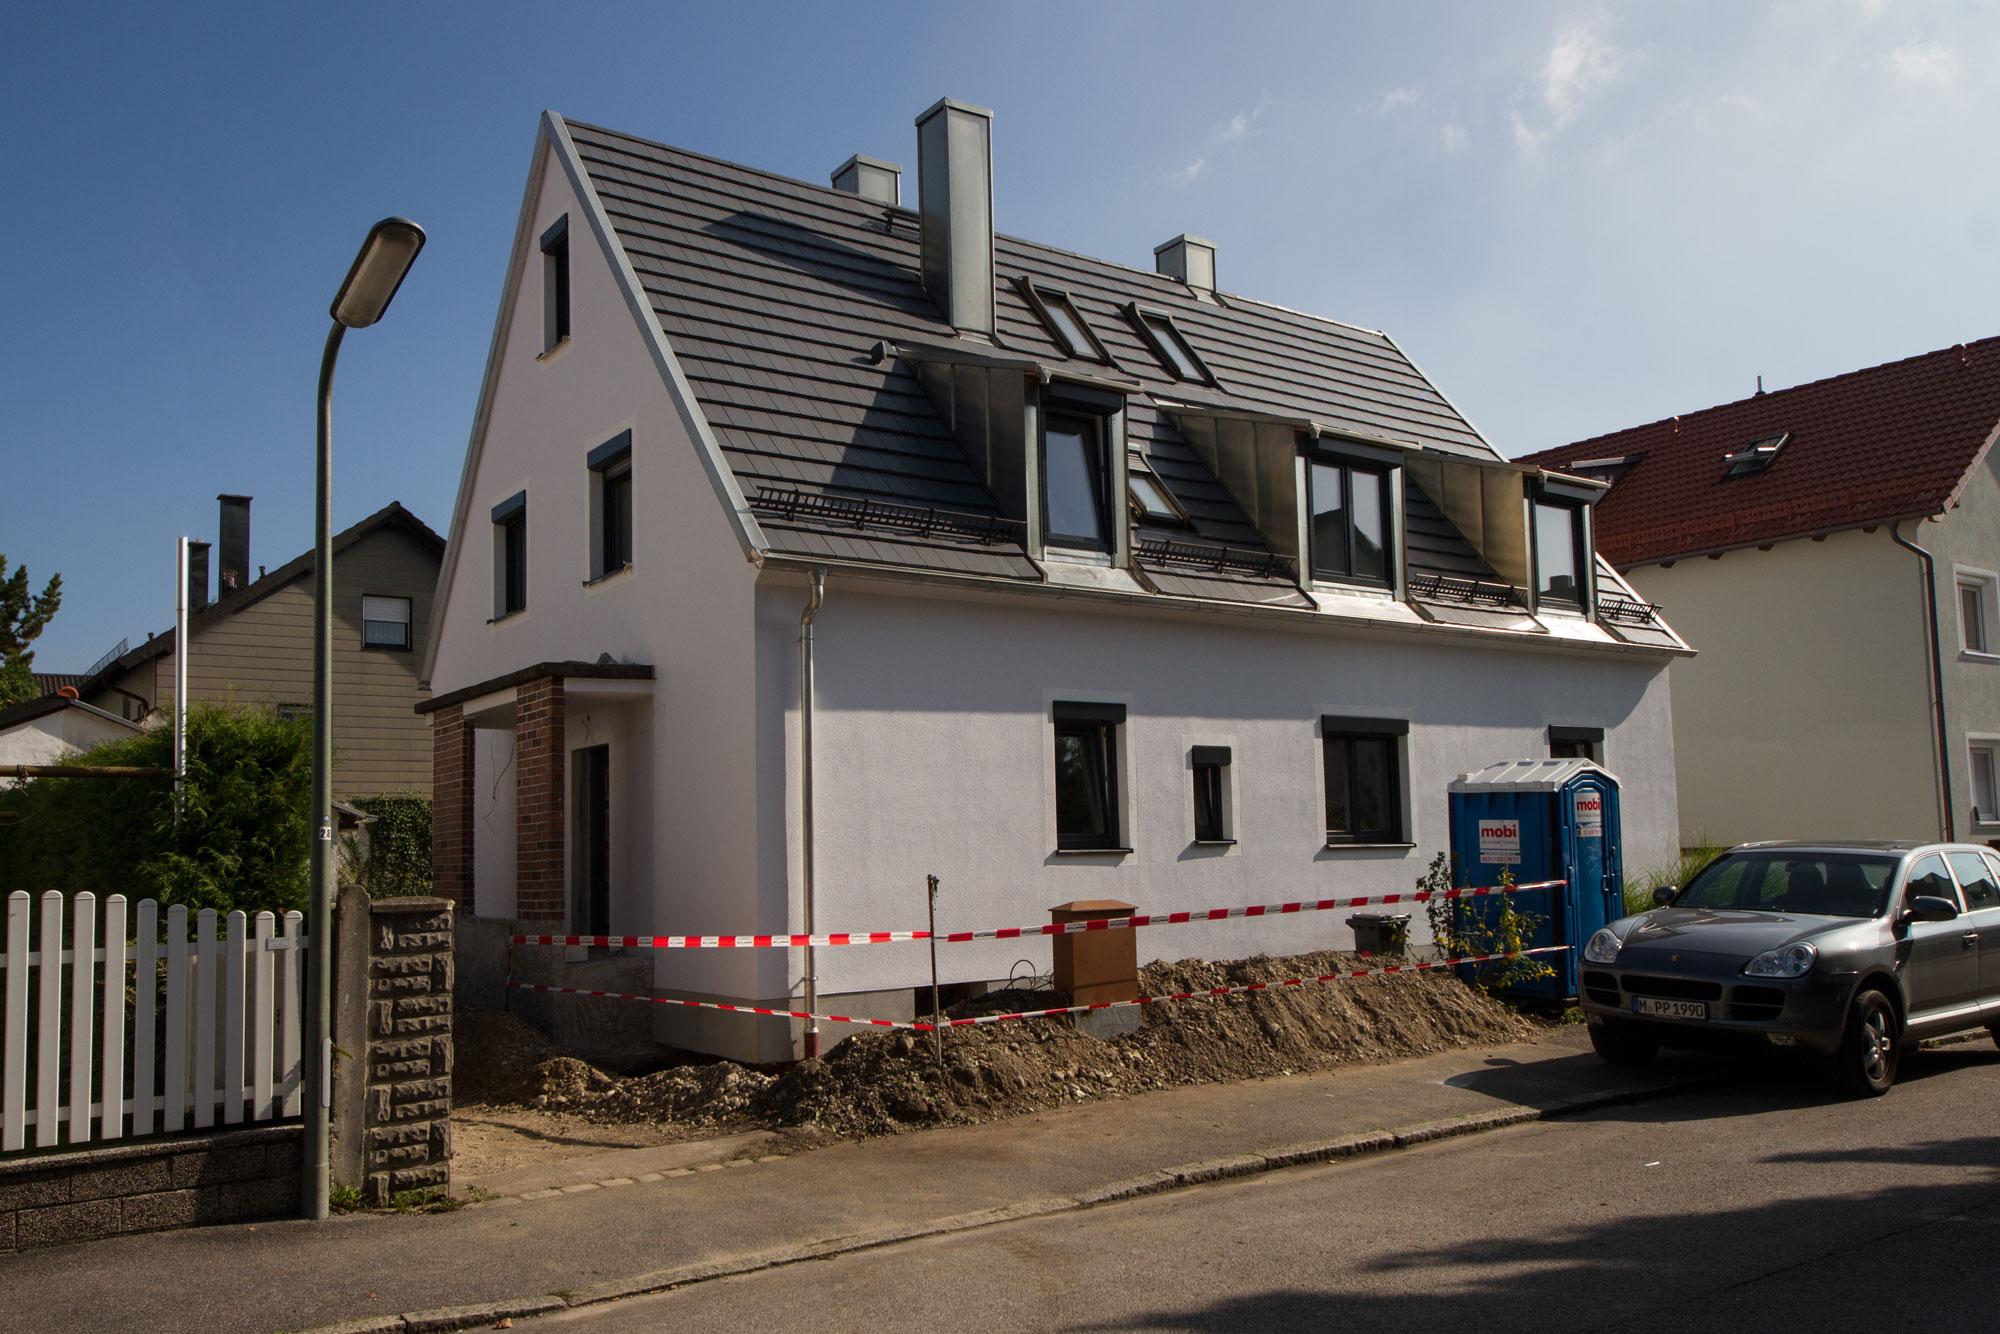 Siedlungshaus Umbauen höfner innenarchitekt umbau eines zweifamilienhauses